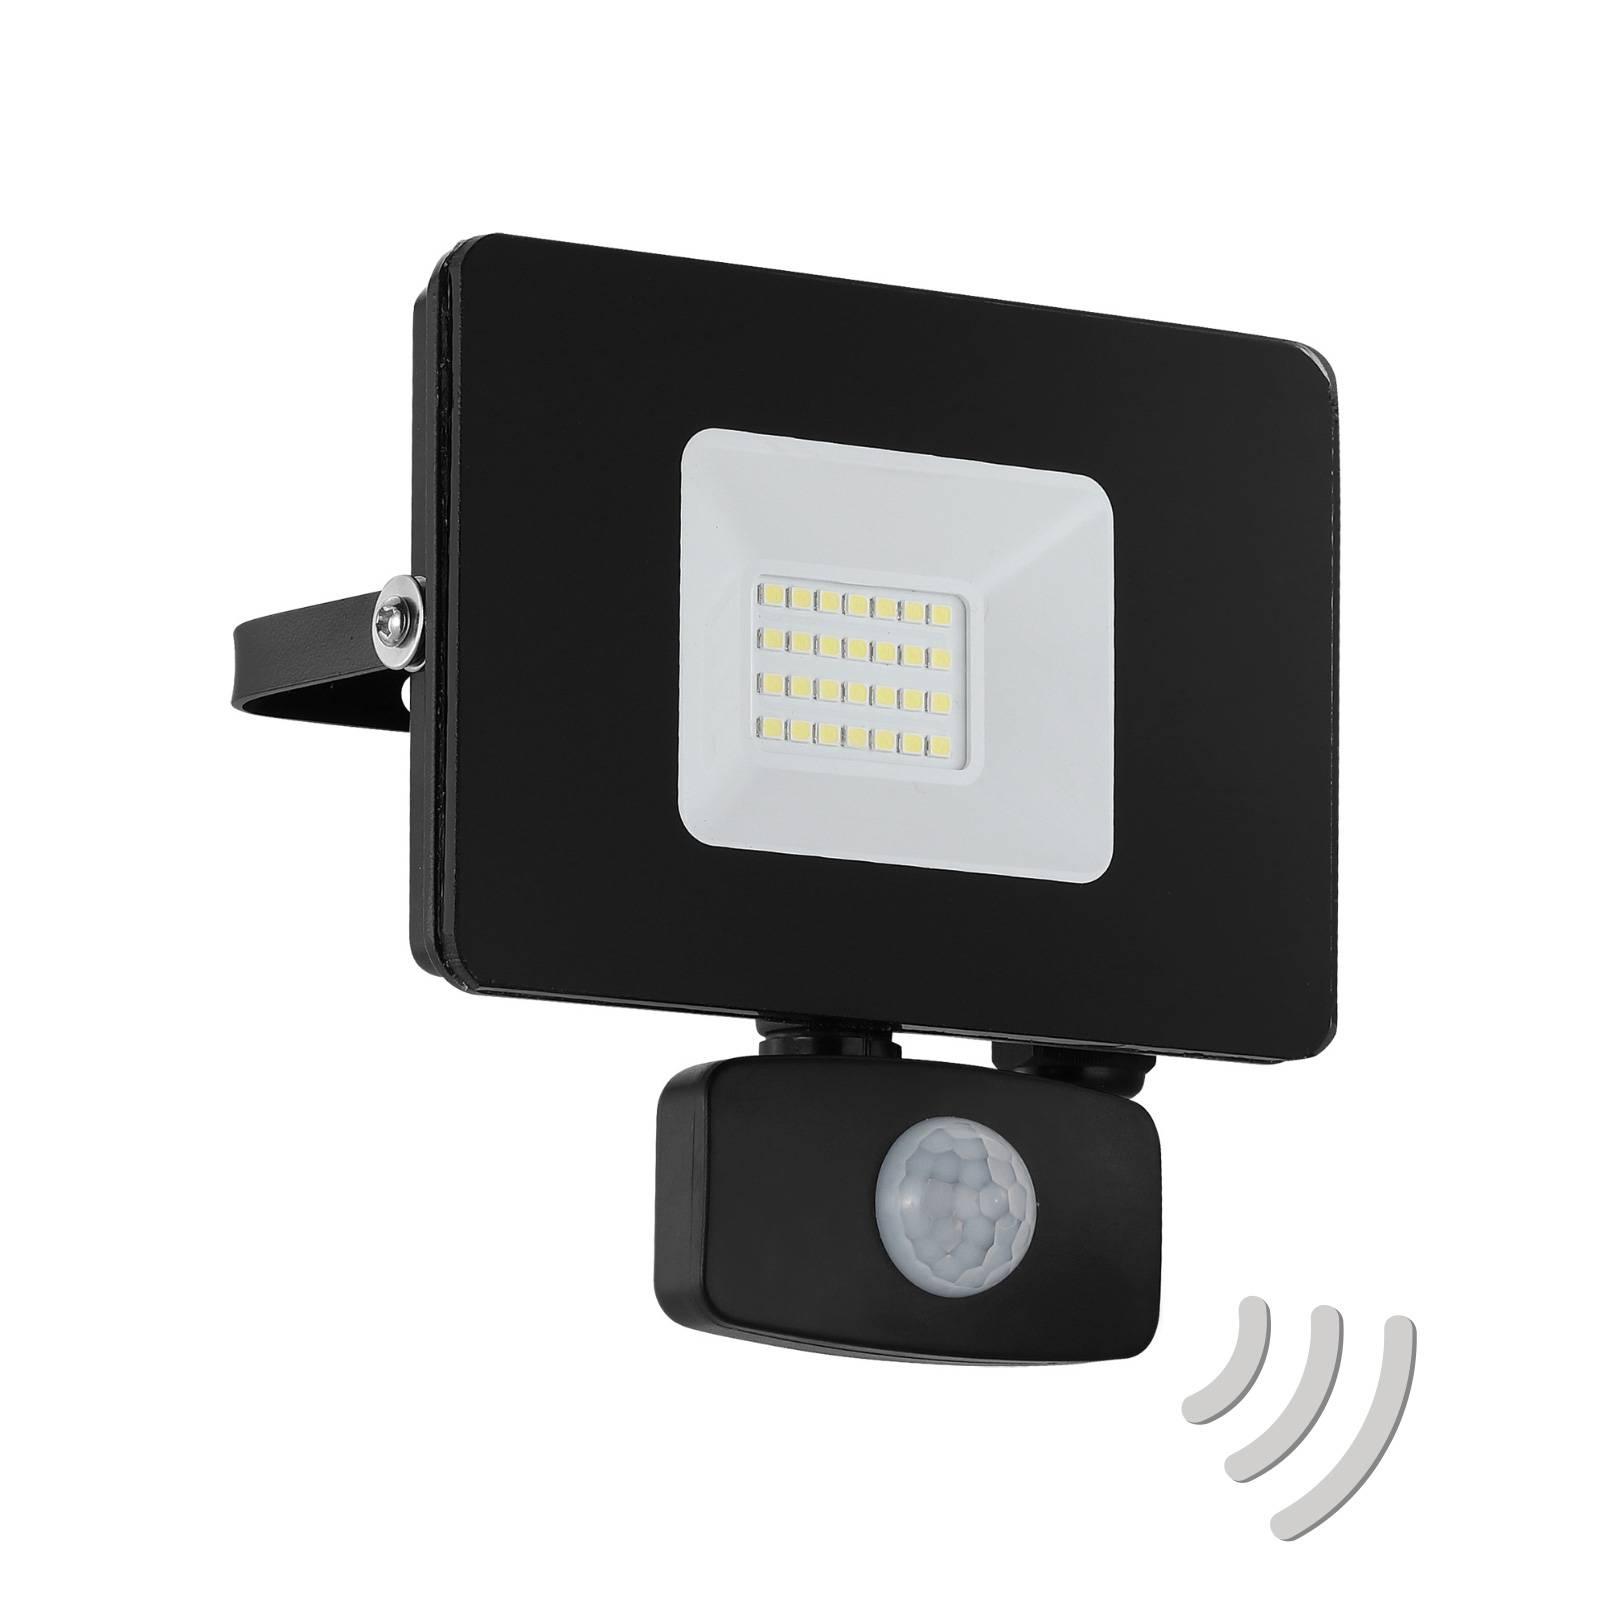 Reflektor zewnętrzny LED Faedo 3 z czujnikiem, 20W